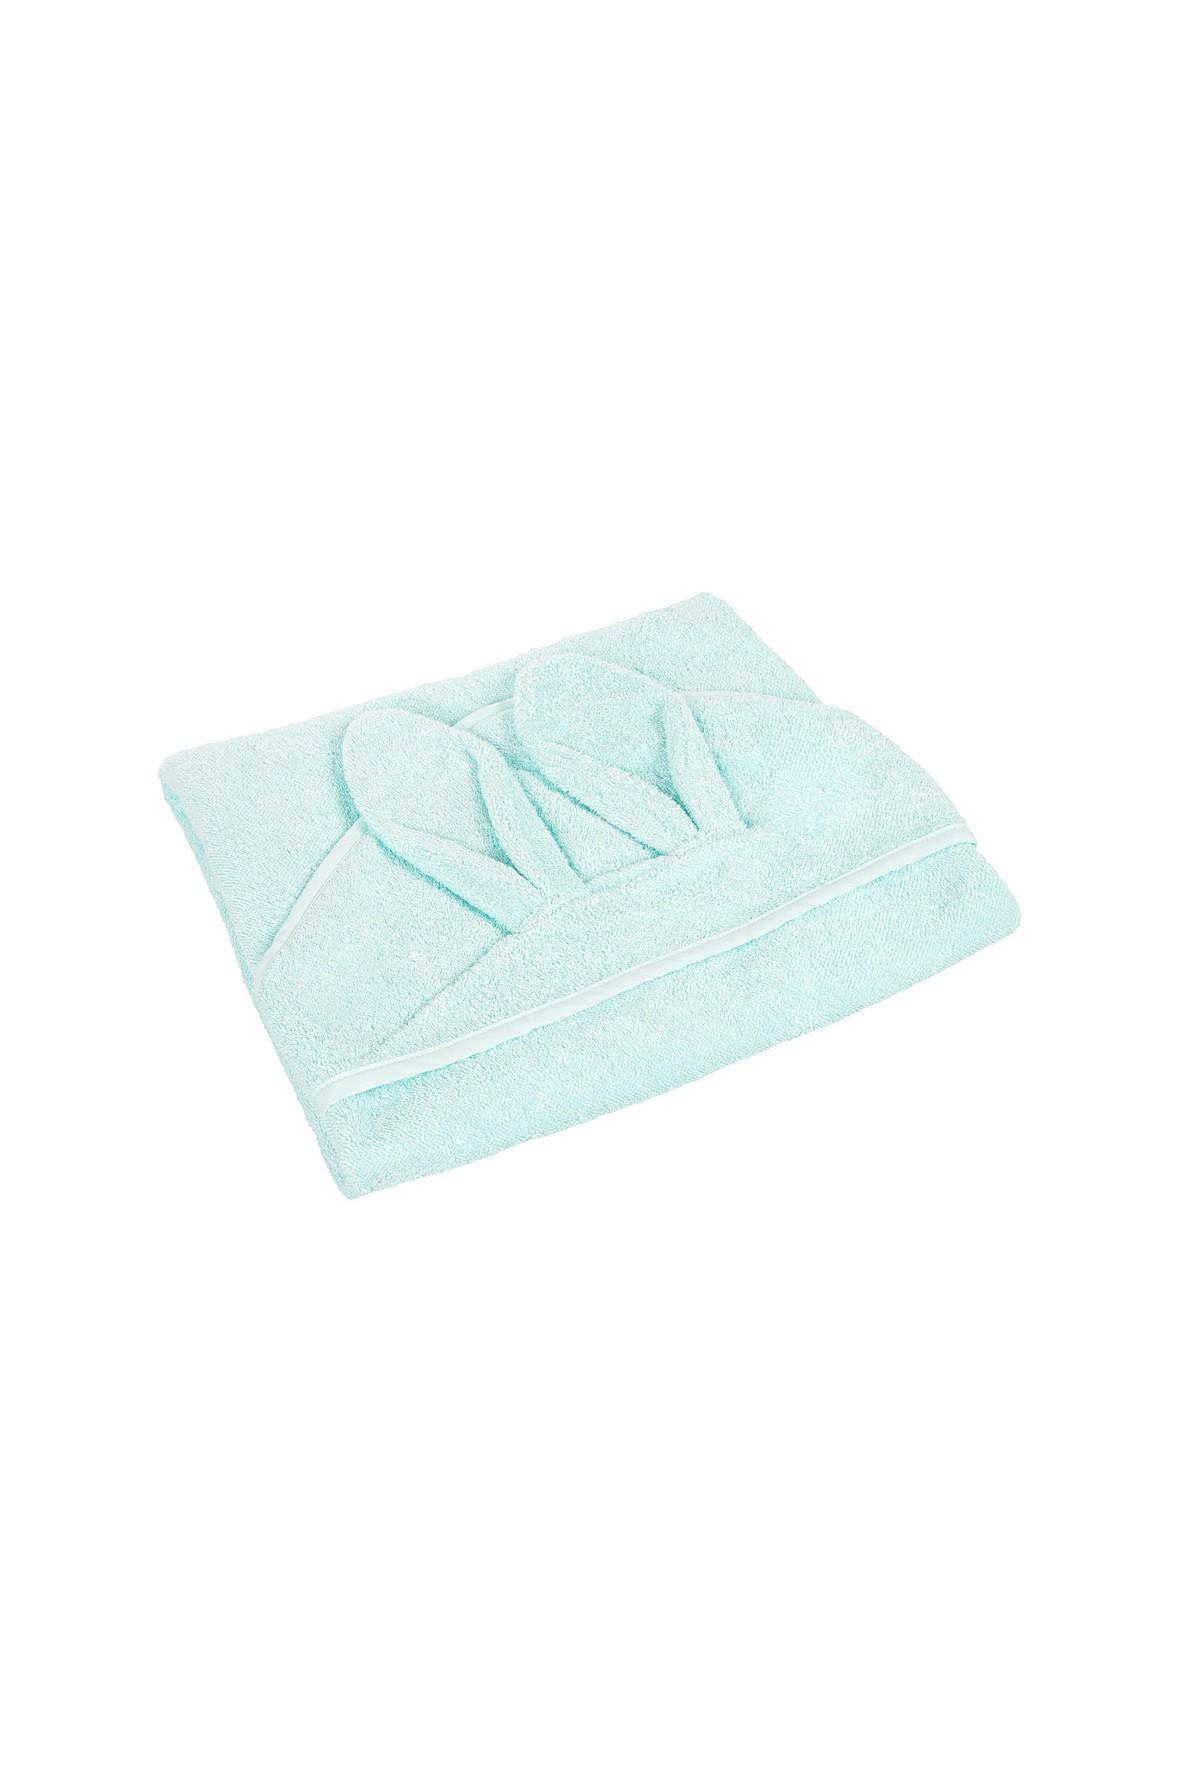 Bawełniane okrycie kąpielowe dla niemowląt- niebieskie 100x100cm